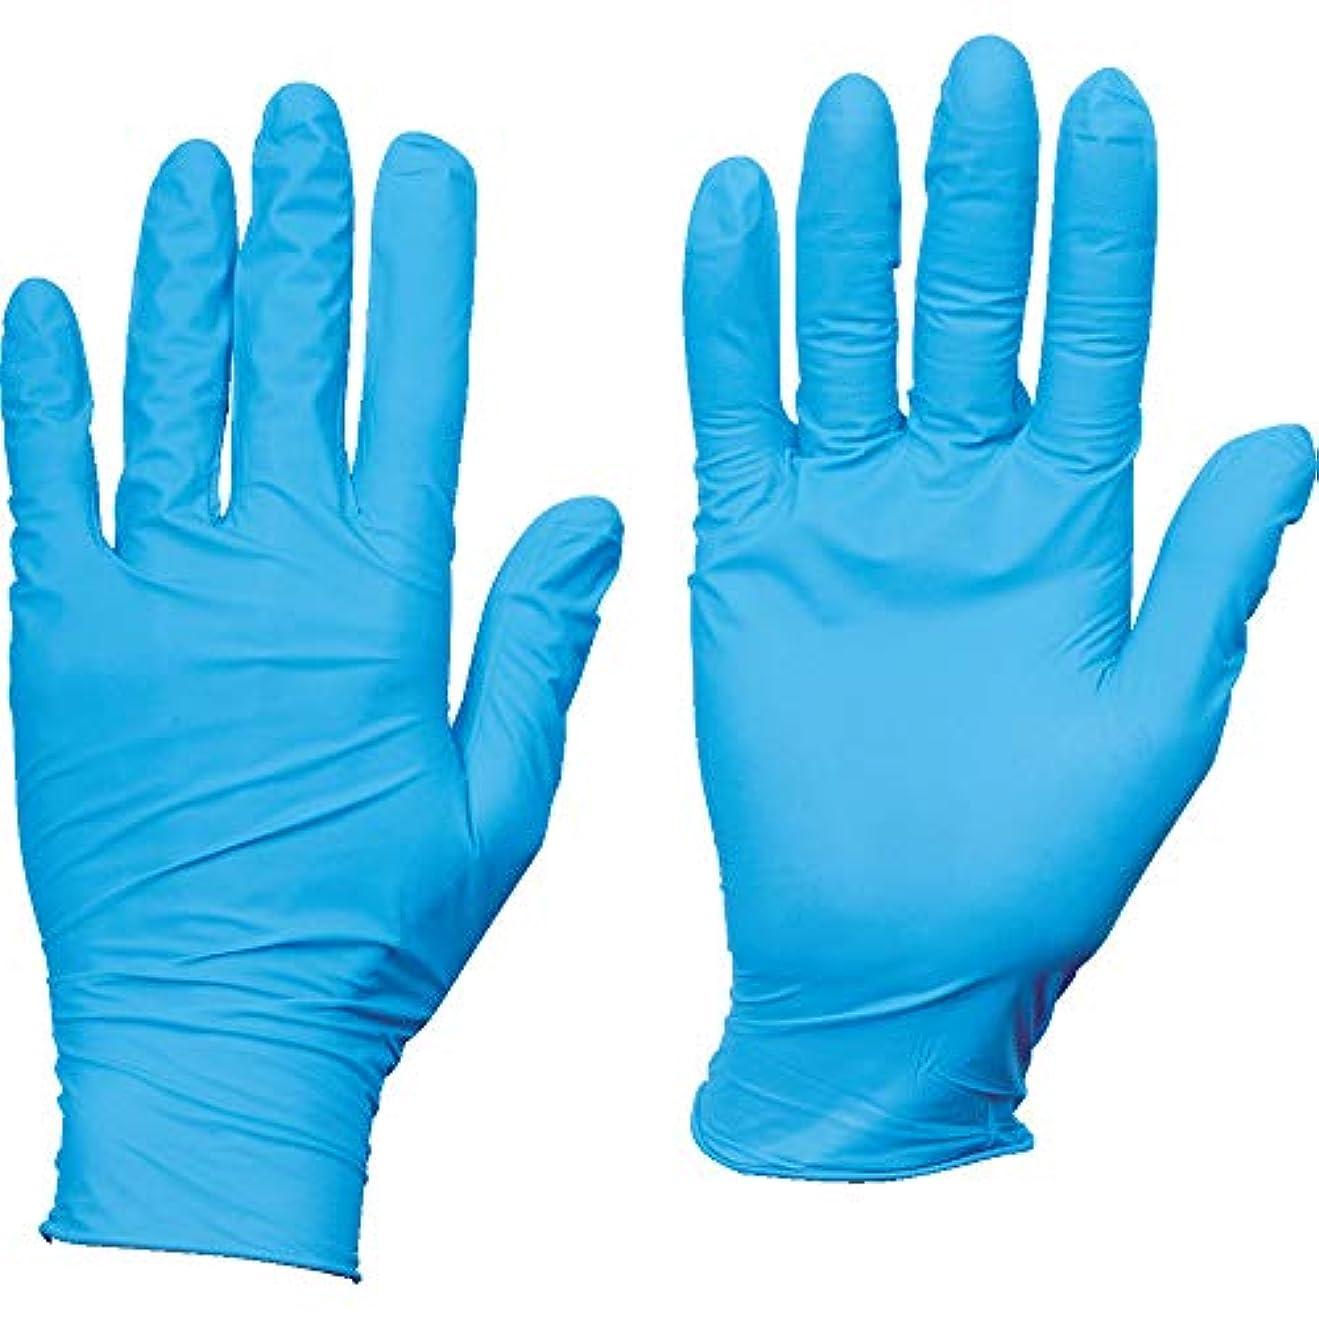 近傍醸造所エピソードTRUSCO(トラスコ) 10箱入り使い捨てニトリル手袋TGスタンダード0.08粉無青M TGNN08BM10C